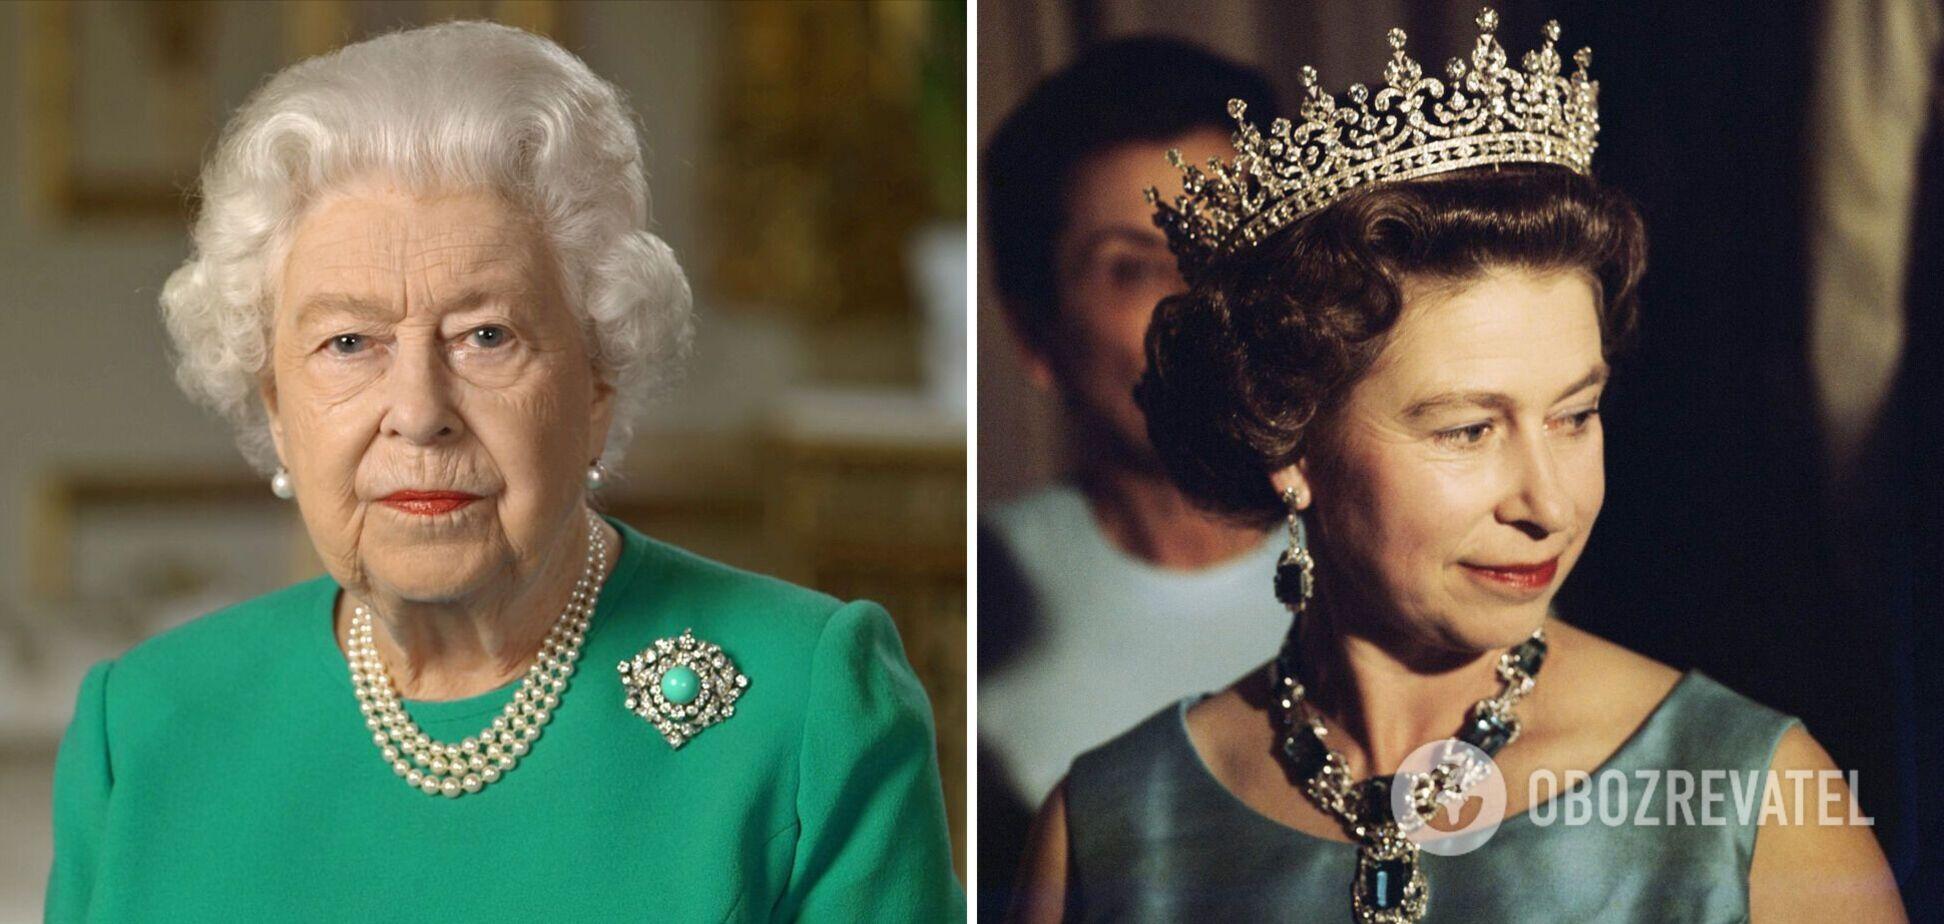 Стало известно, как Елизавета II отметит платиновый юбилей в 2022 году